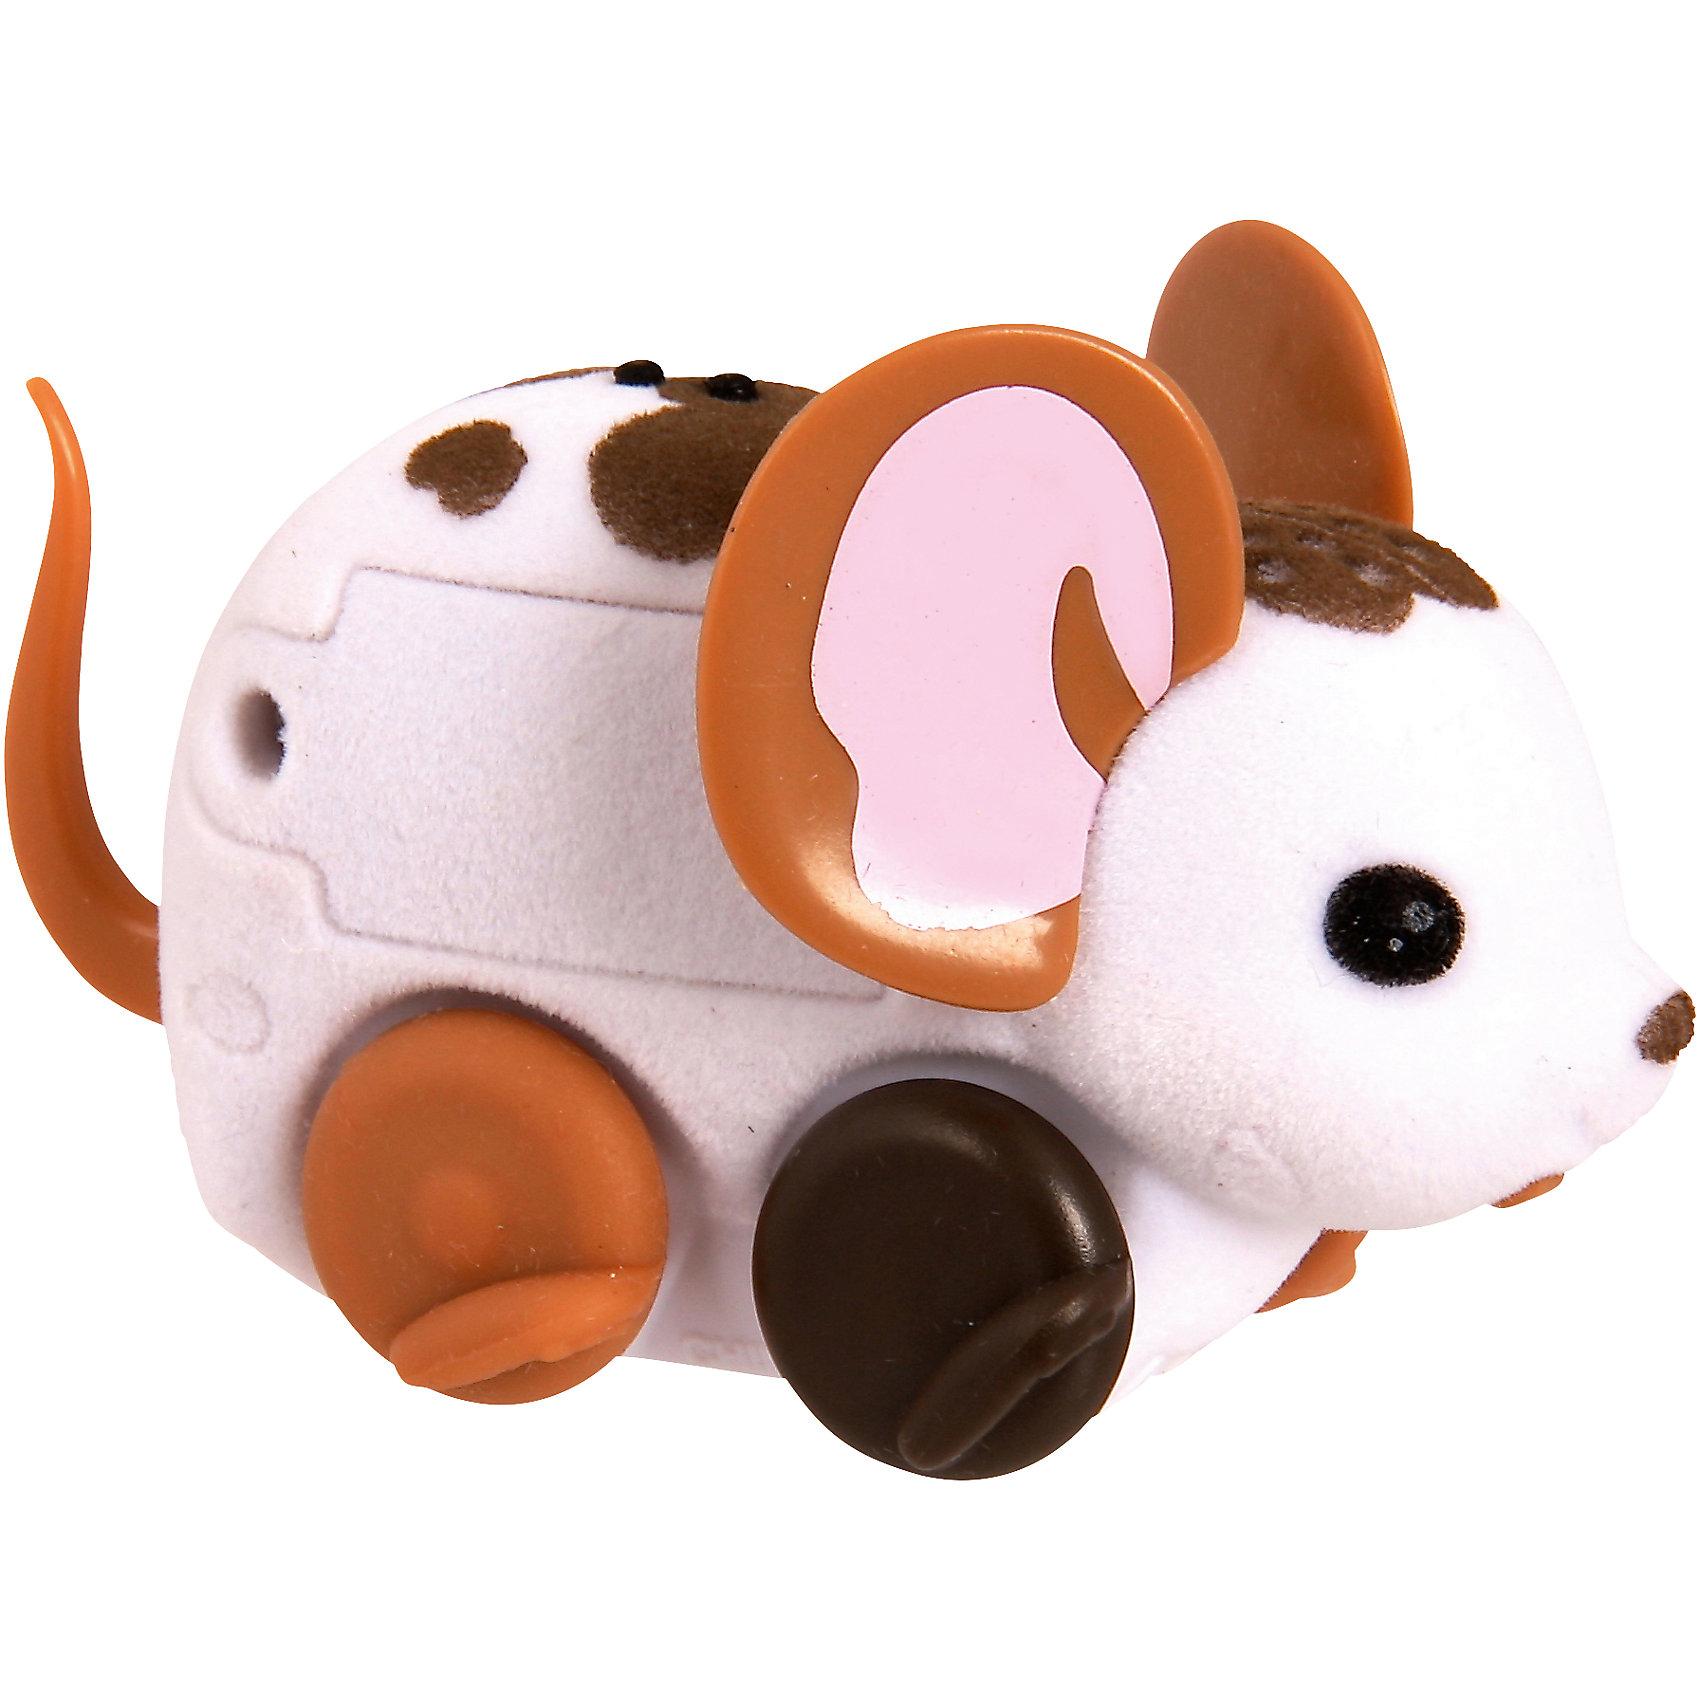 Интерактивная мышка Little Live Pets, белая, MooseИнтерактивные животные<br>Интерактивная мышка Little Live Pets, Moose мягкая, как настоящая мышка. Она умеет быстро двигаться и крутиться. Сенсор на спине позволяет включить игрушку с помощью поглаживания, если мышка заснула. Кнопка включения расположена в области ротика. Такая замечательная мышка обязательно вызовет интерес у малыша!<br><br>Дополнительная информация:<br>Материал: пластик, флок<br>Цвет: белый<br>Батарейки: AG13 (LR44) (входят в комплект)<br><br>Интерактивную мышку Little Live Pets, Moose вы можете приобрести в нашем интернет-магазине.<br><br>Ширина мм: 224<br>Глубина мм: 159<br>Высота мм: 50<br>Вес г: 81<br>Возраст от месяцев: 60<br>Возраст до месяцев: 108<br>Пол: Женский<br>Возраст: Детский<br>SKU: 4898562